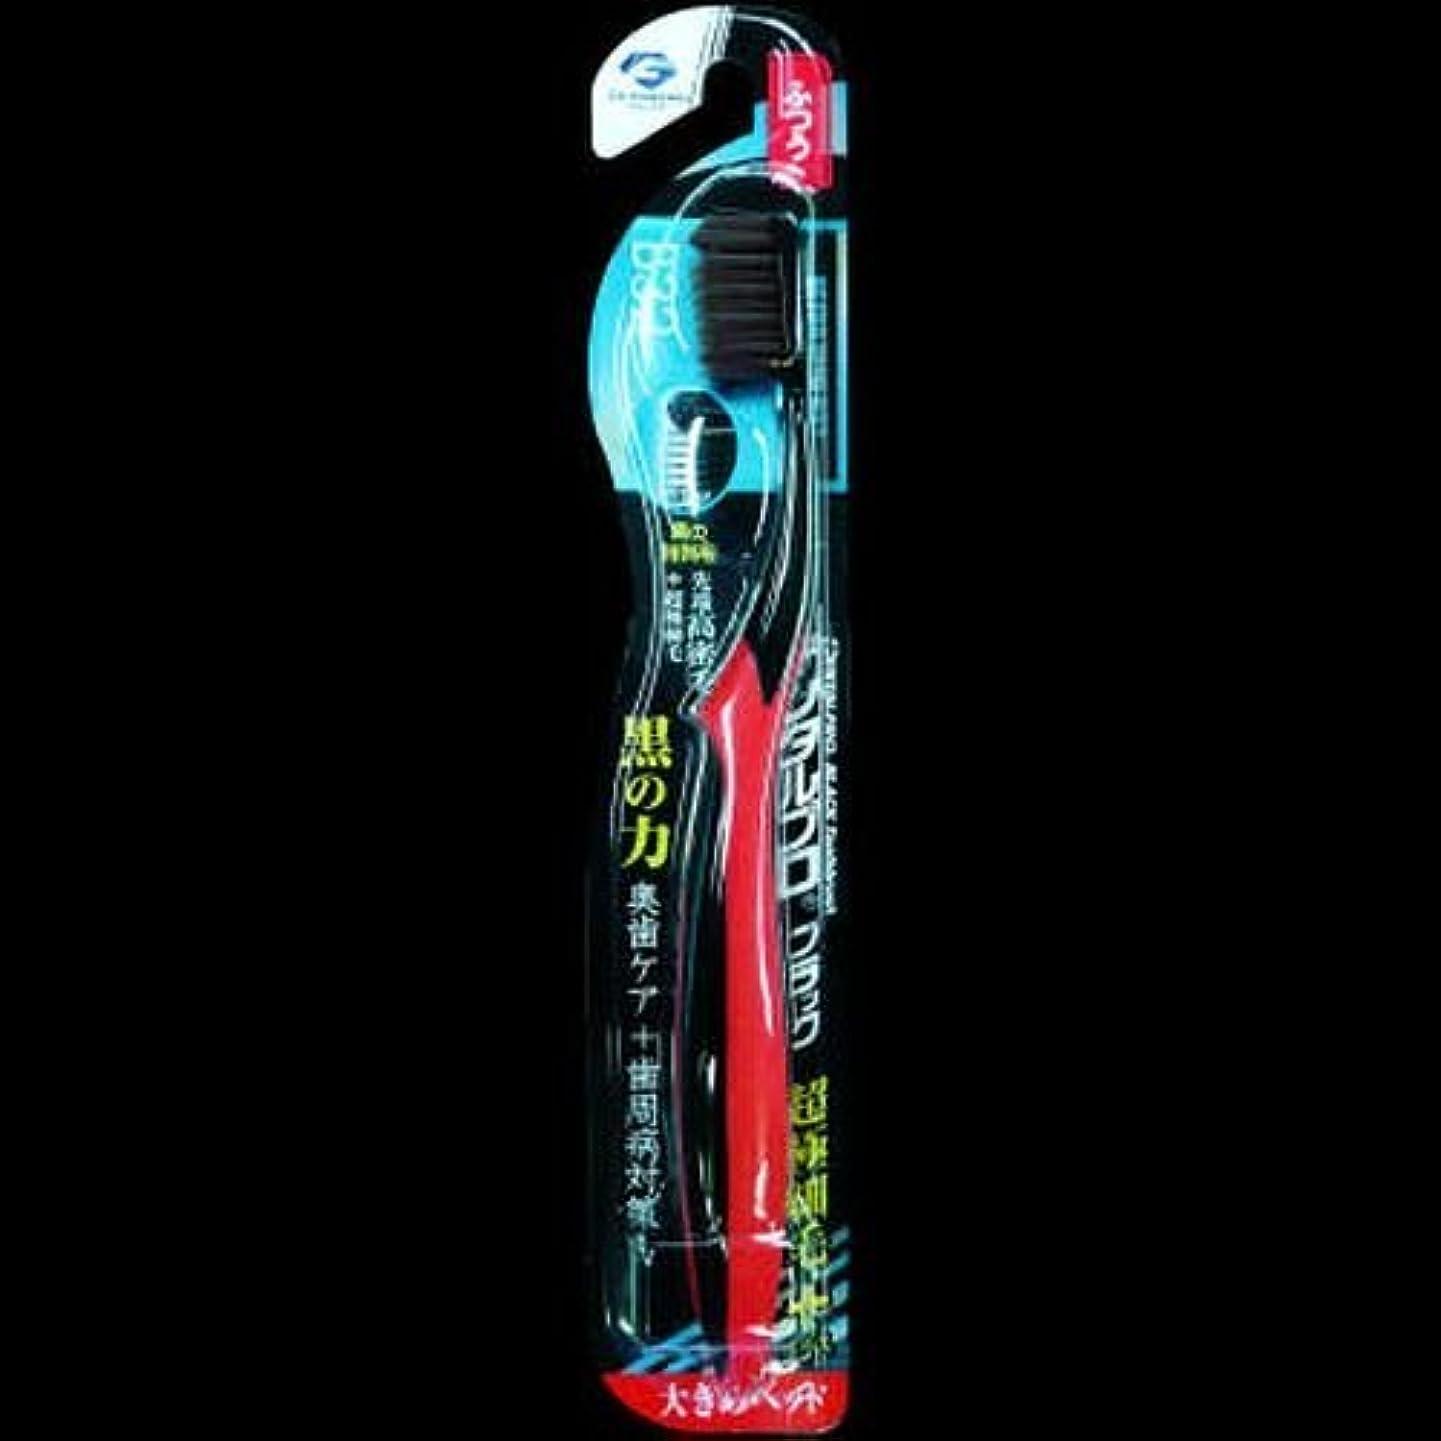 アロング意志追放デンタルプロ ブラック歯ブラシ 超極細毛プラス大きめヘッド ふつう ×2セット